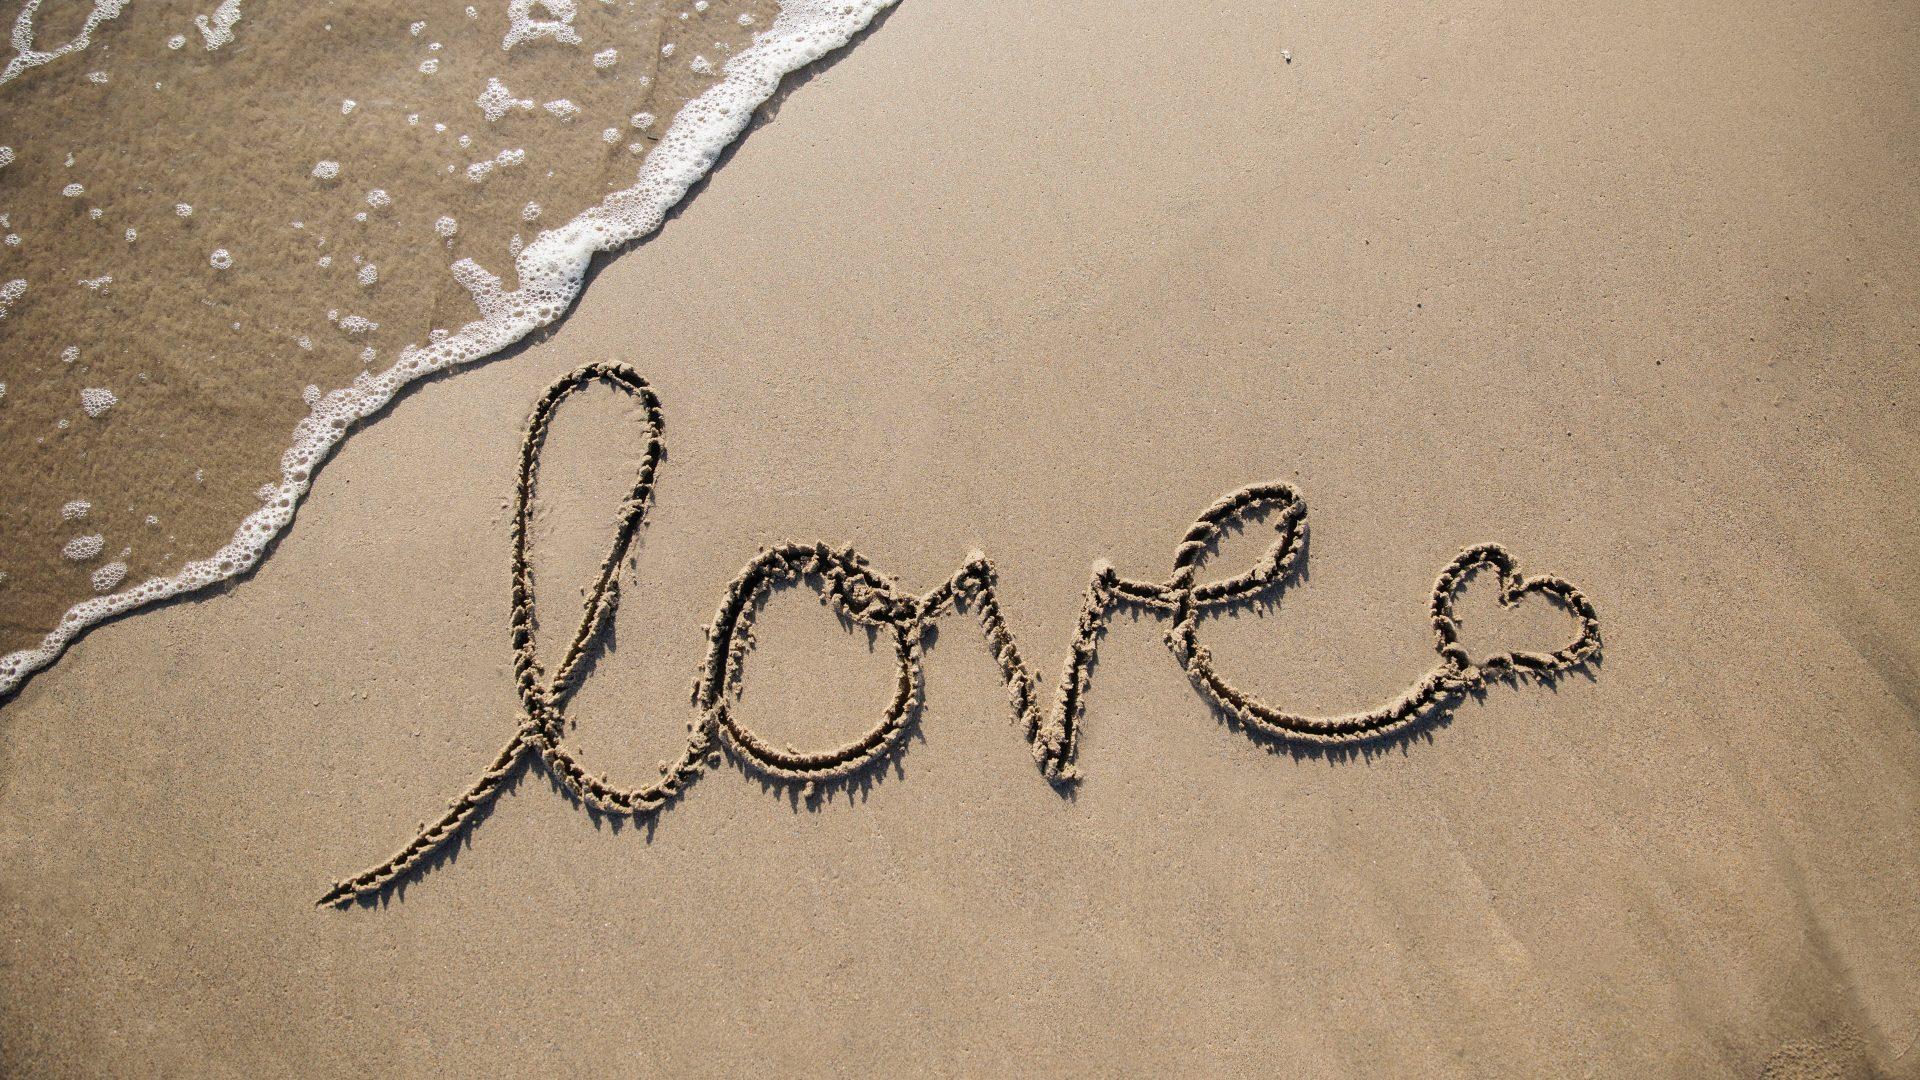 Het woord 'love' staat op het strand geschreven. Zeewater spoelt het bijna weg.